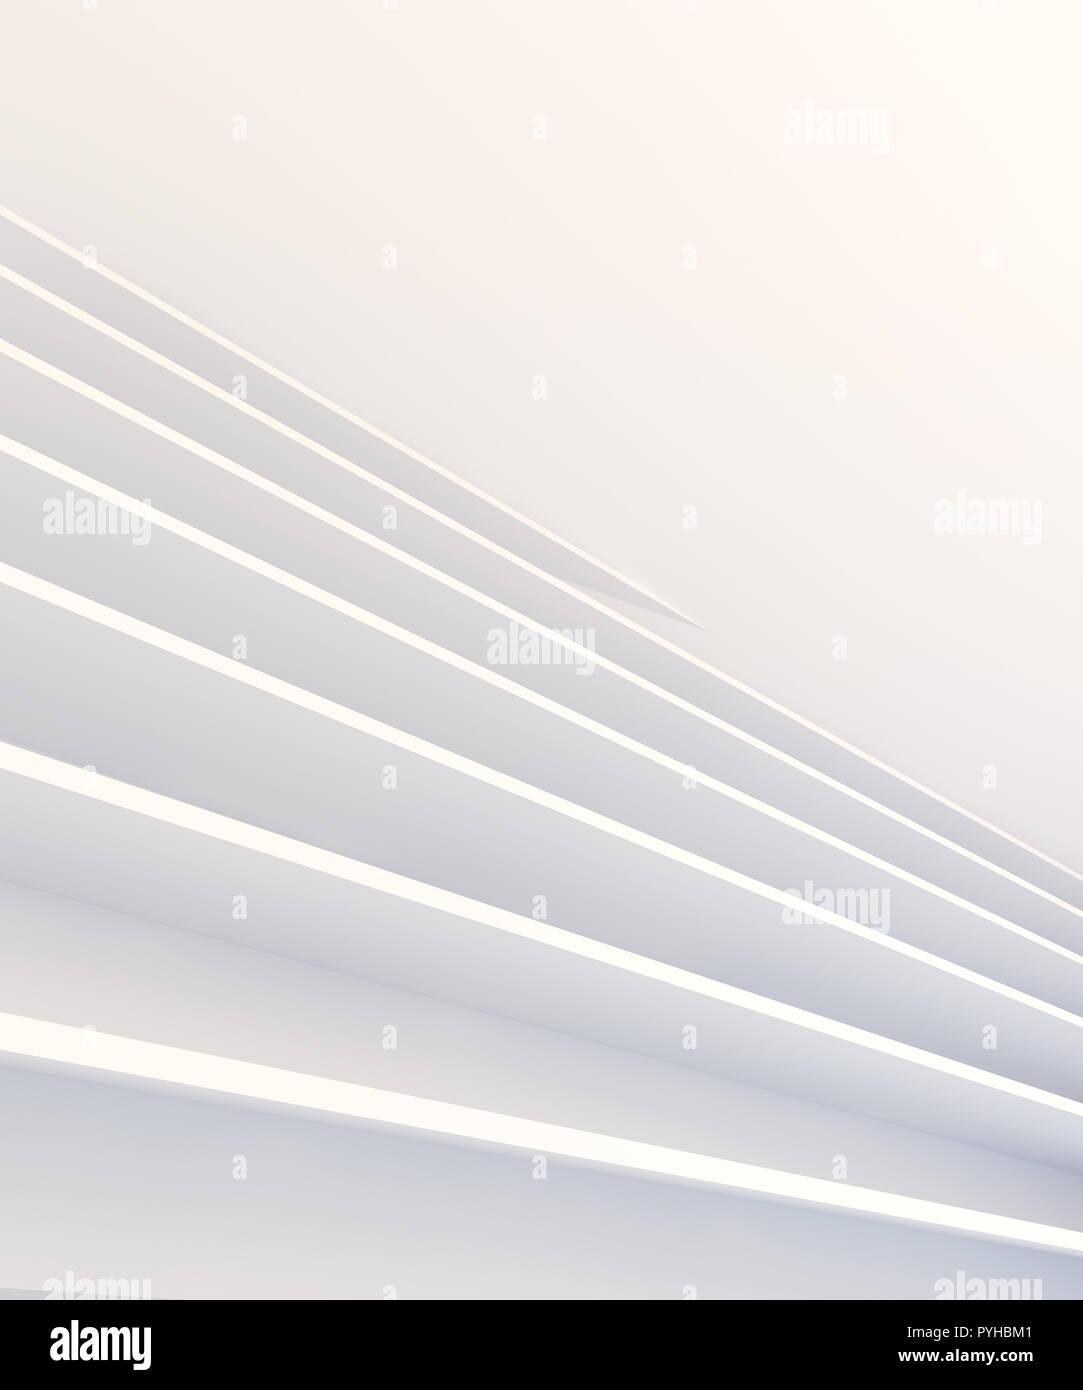 3d abstrait fond architectural de couleur blanche Banque D'Images